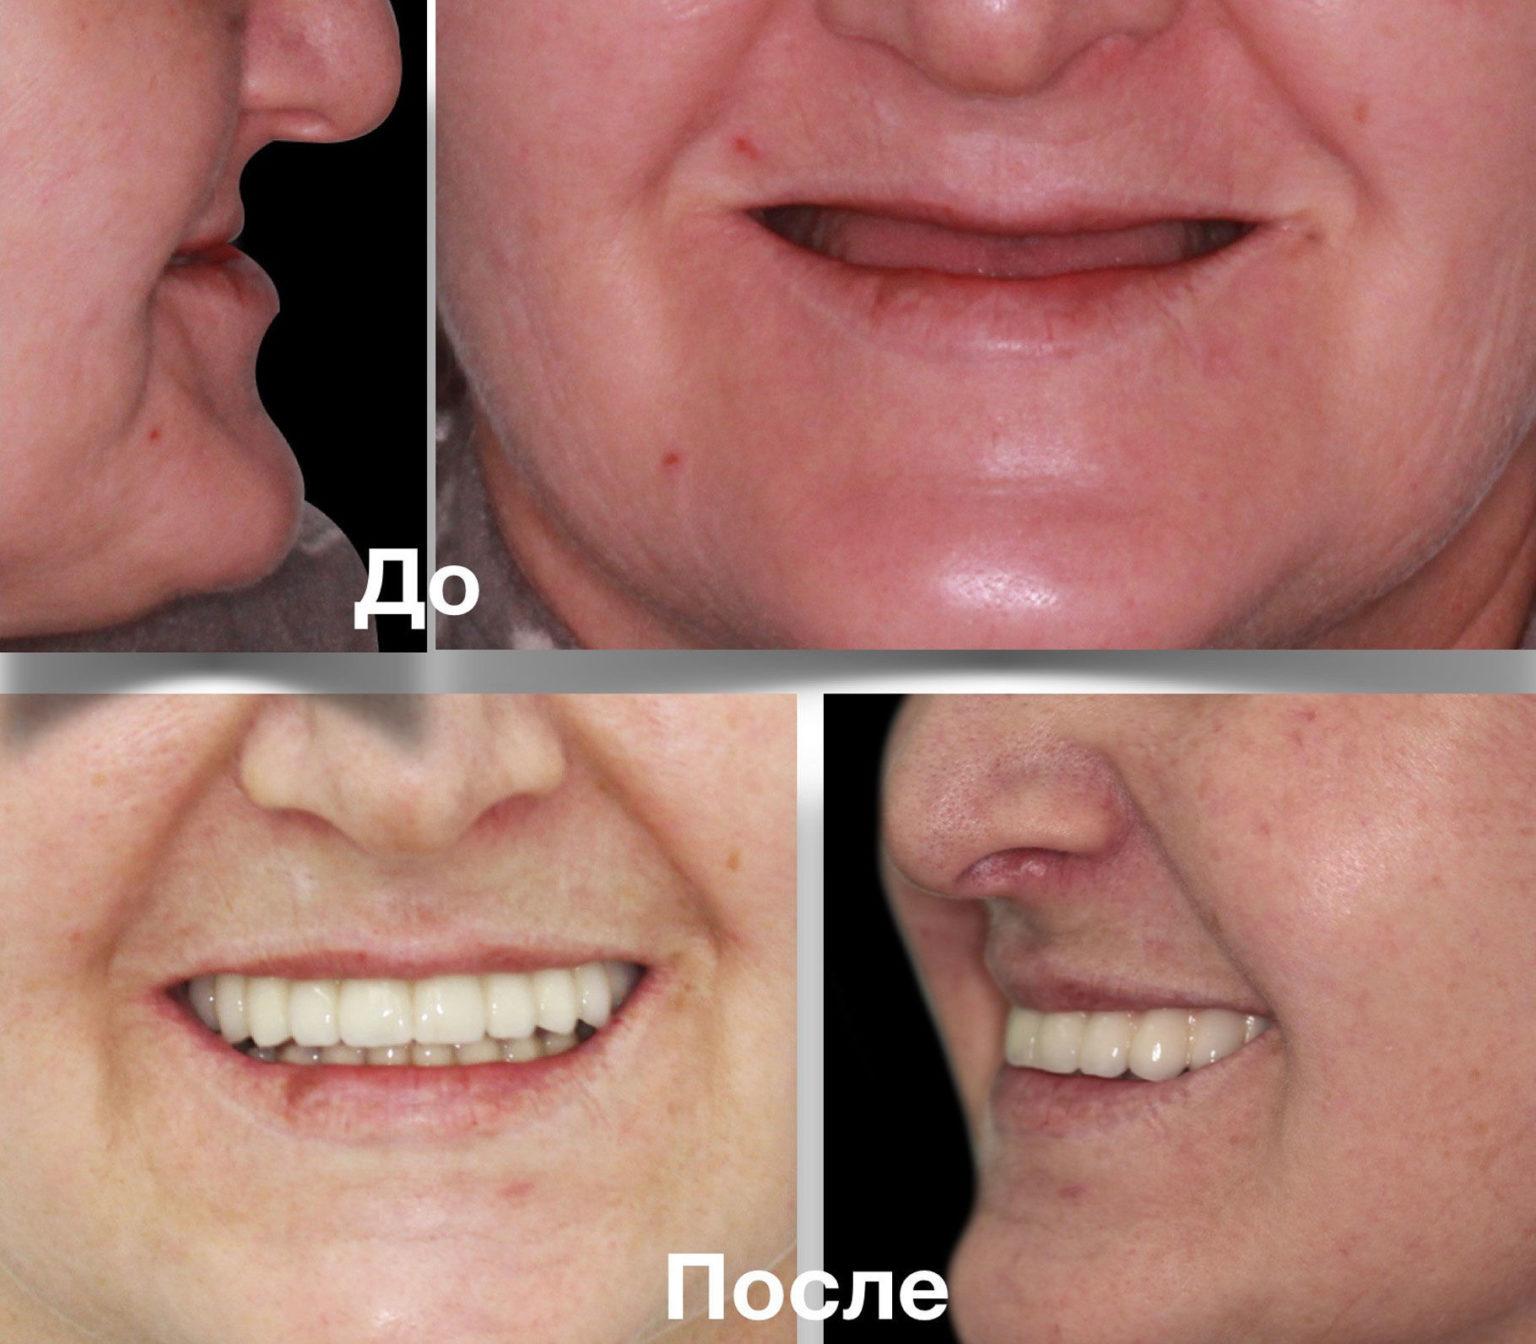 Атрофия челюсти до и после